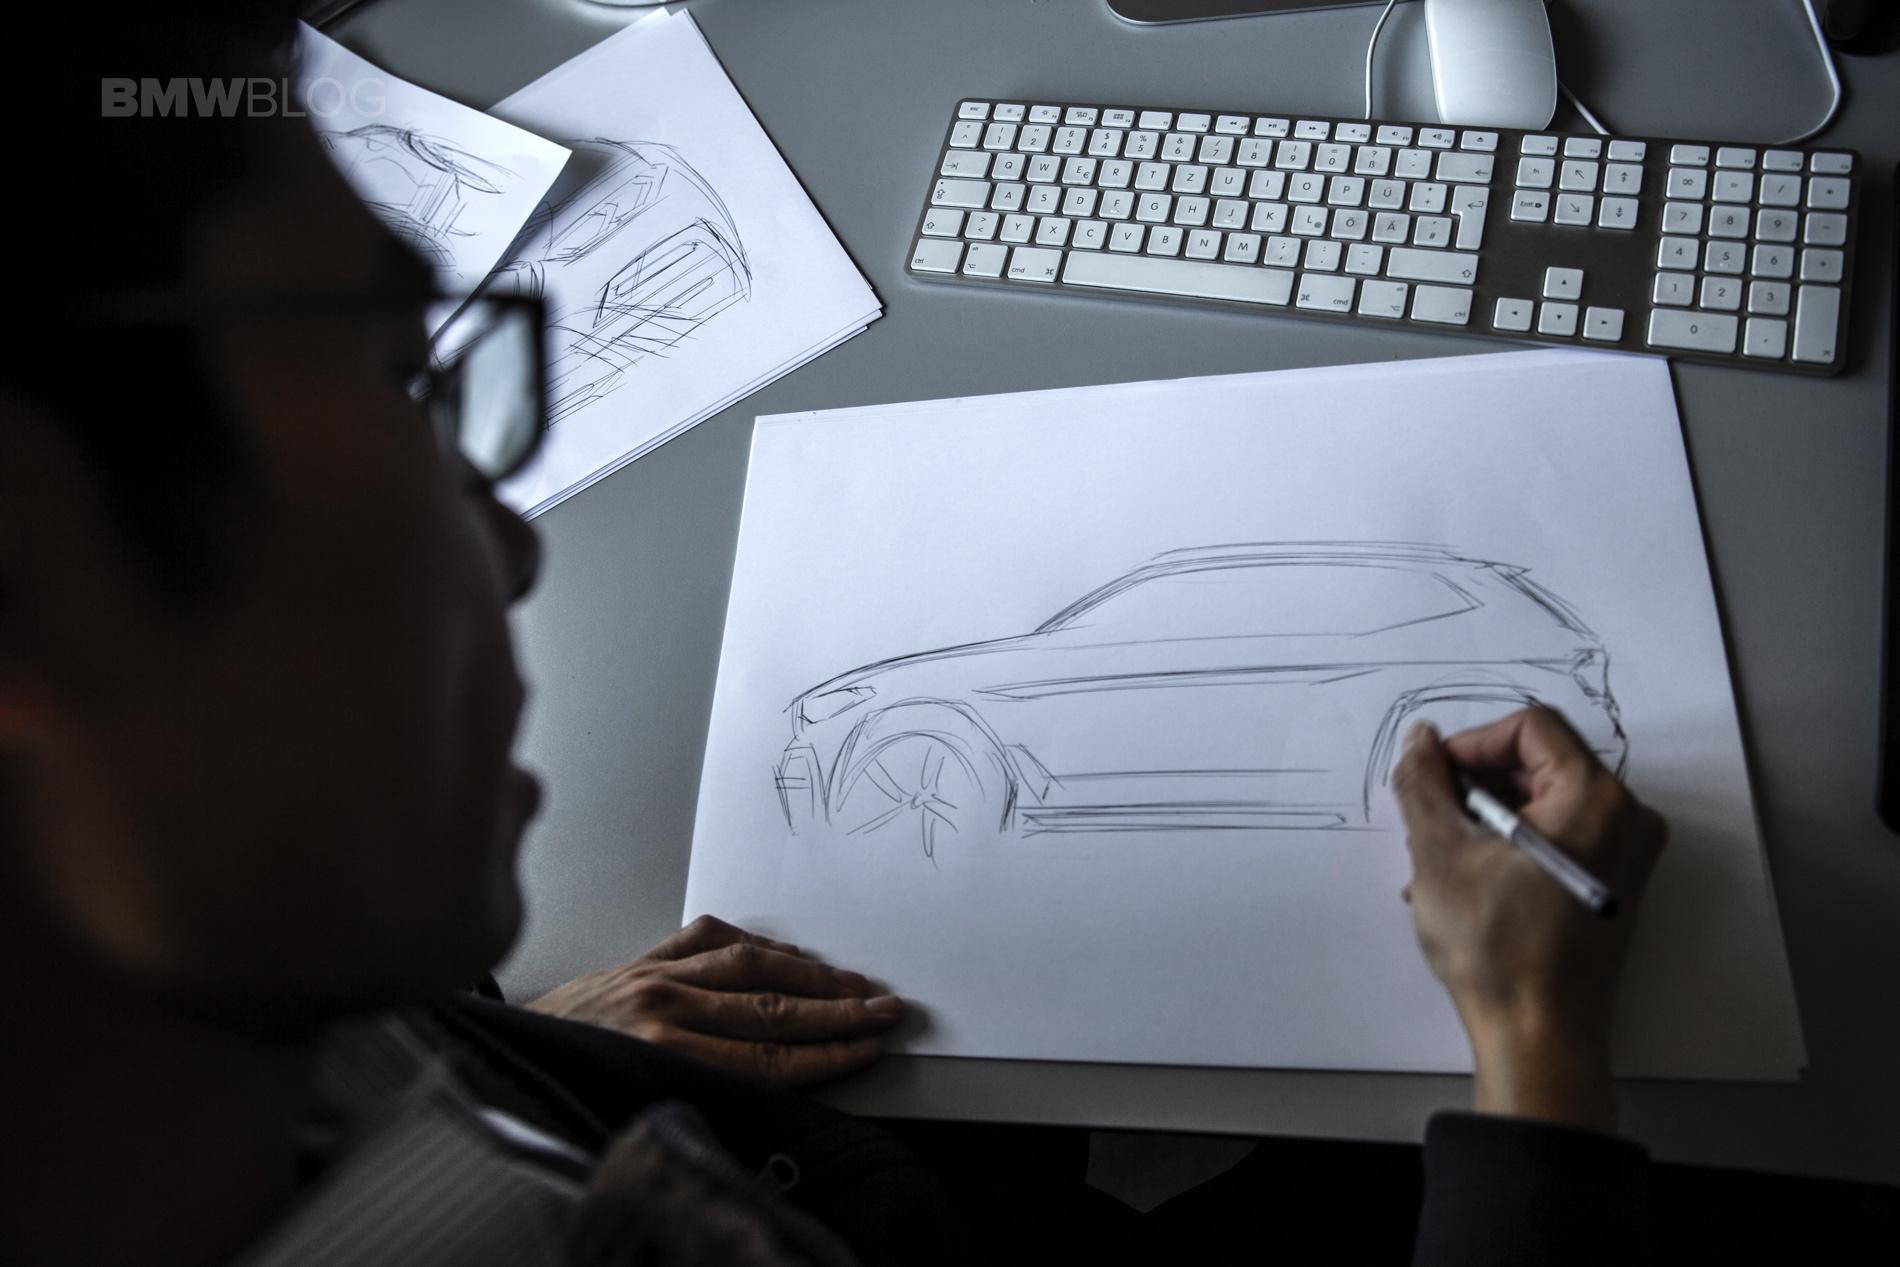 2018 BMW X3 design sketches 17